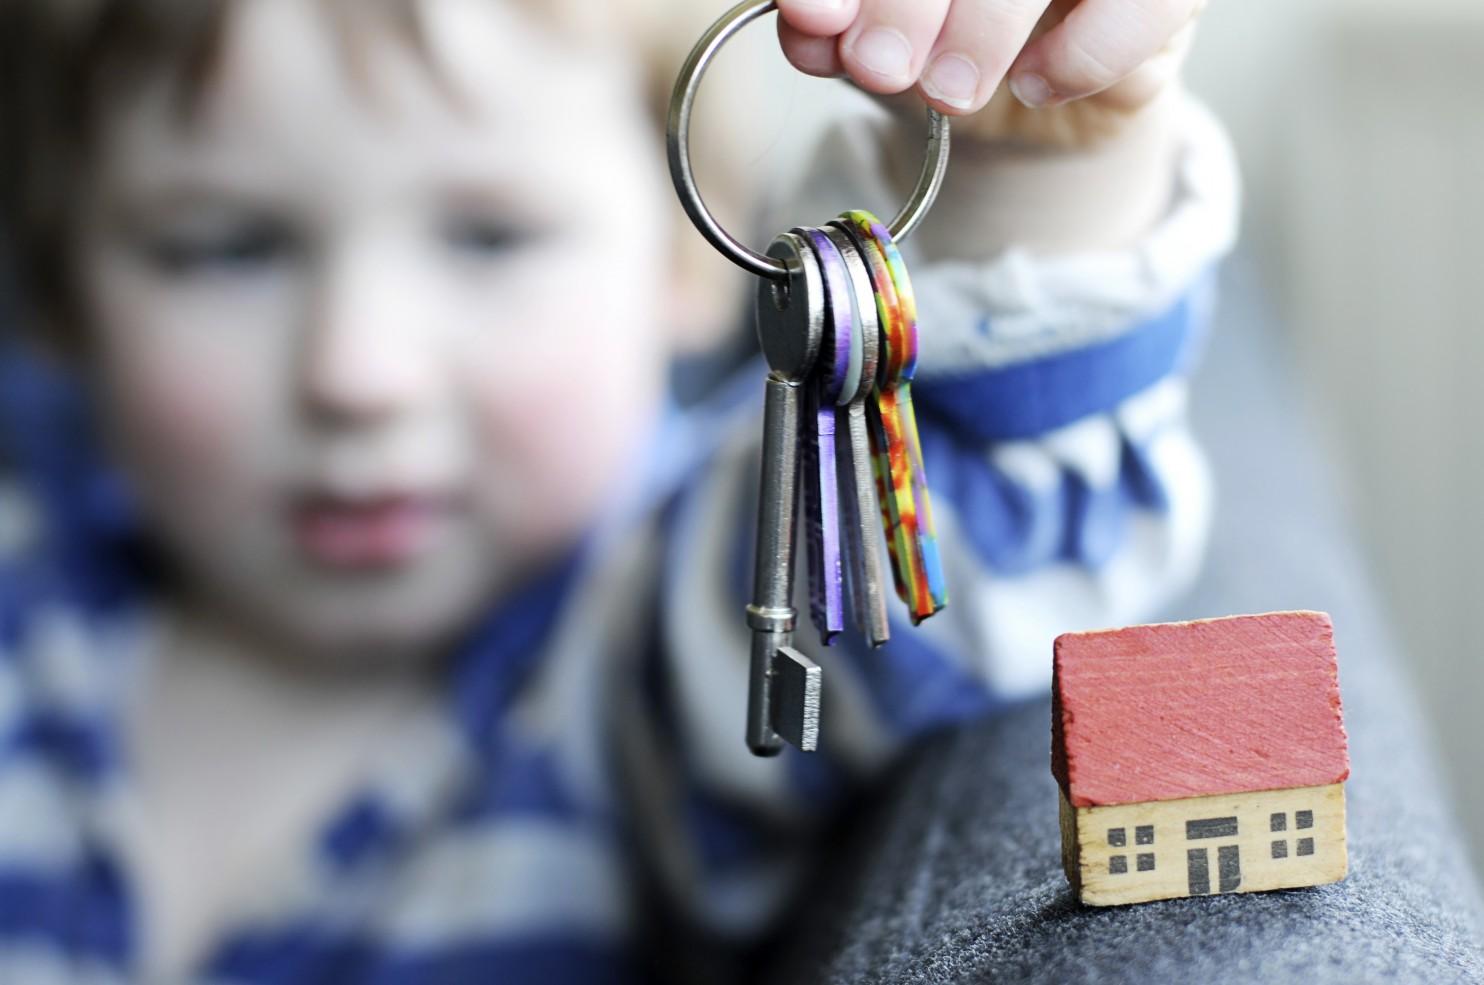 покупка недвижимости несовершеннолетним